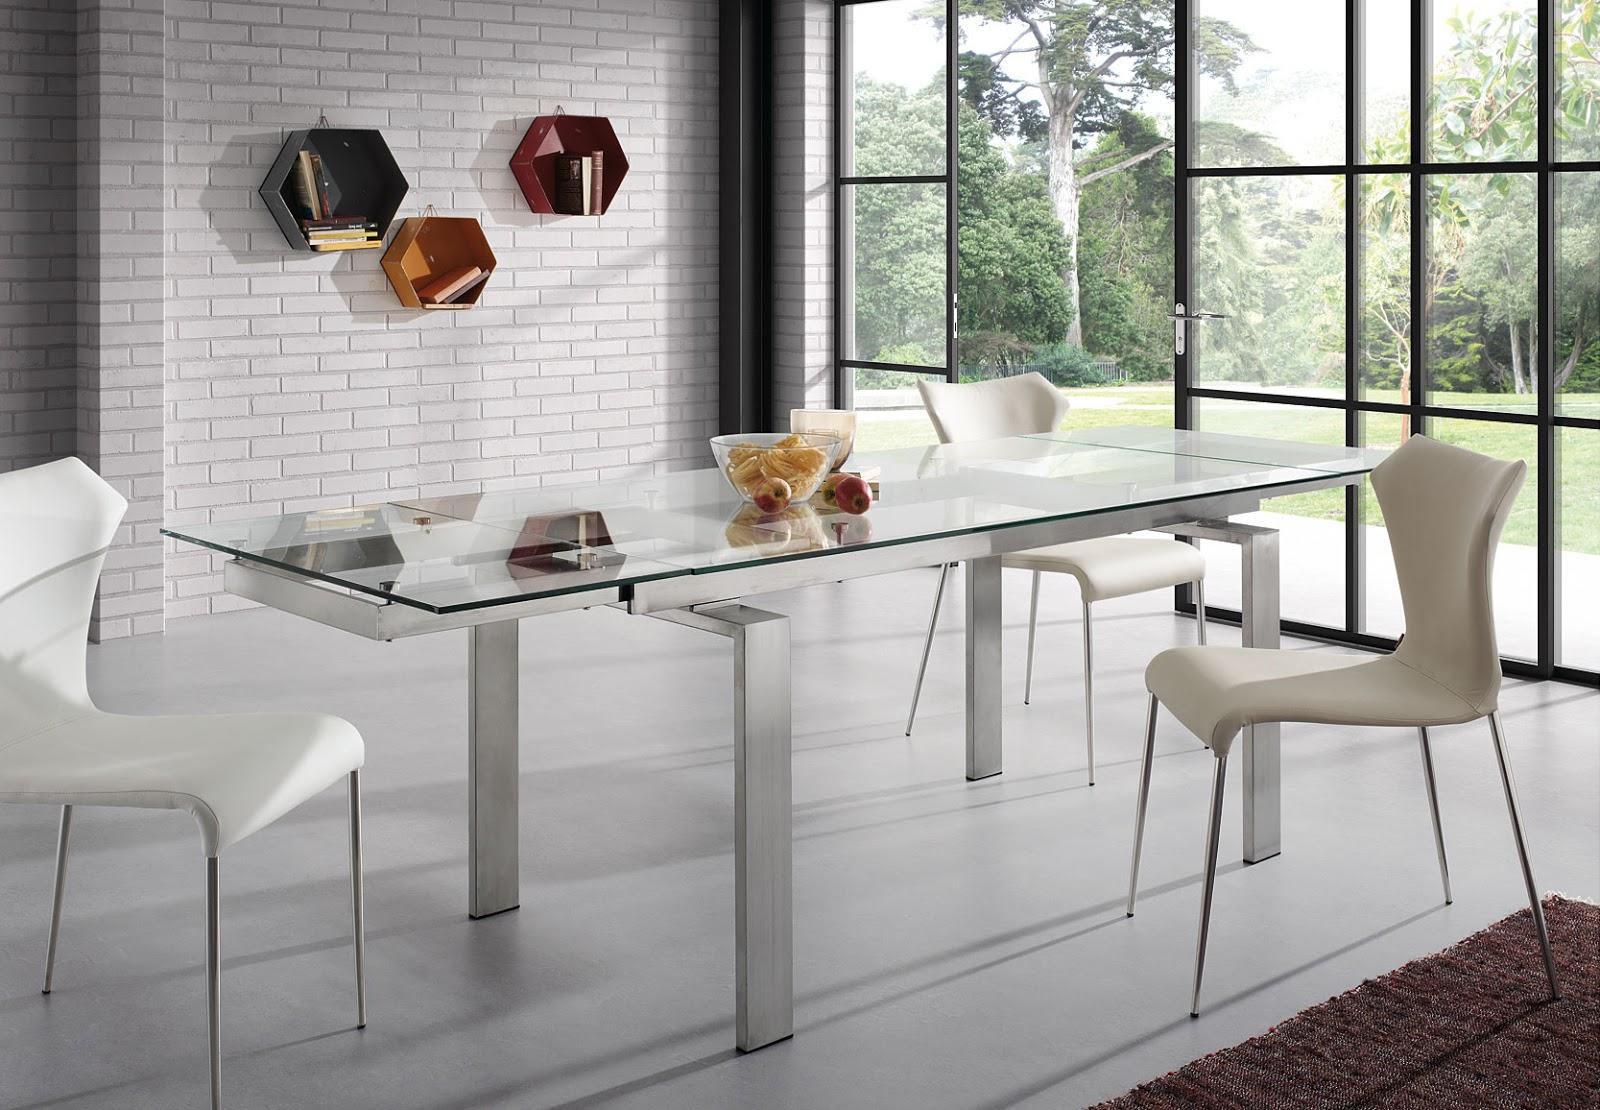 Mesas de comedor como decorar una mesa de comedor de cristal for Decorar una mesa de comedor de cristal